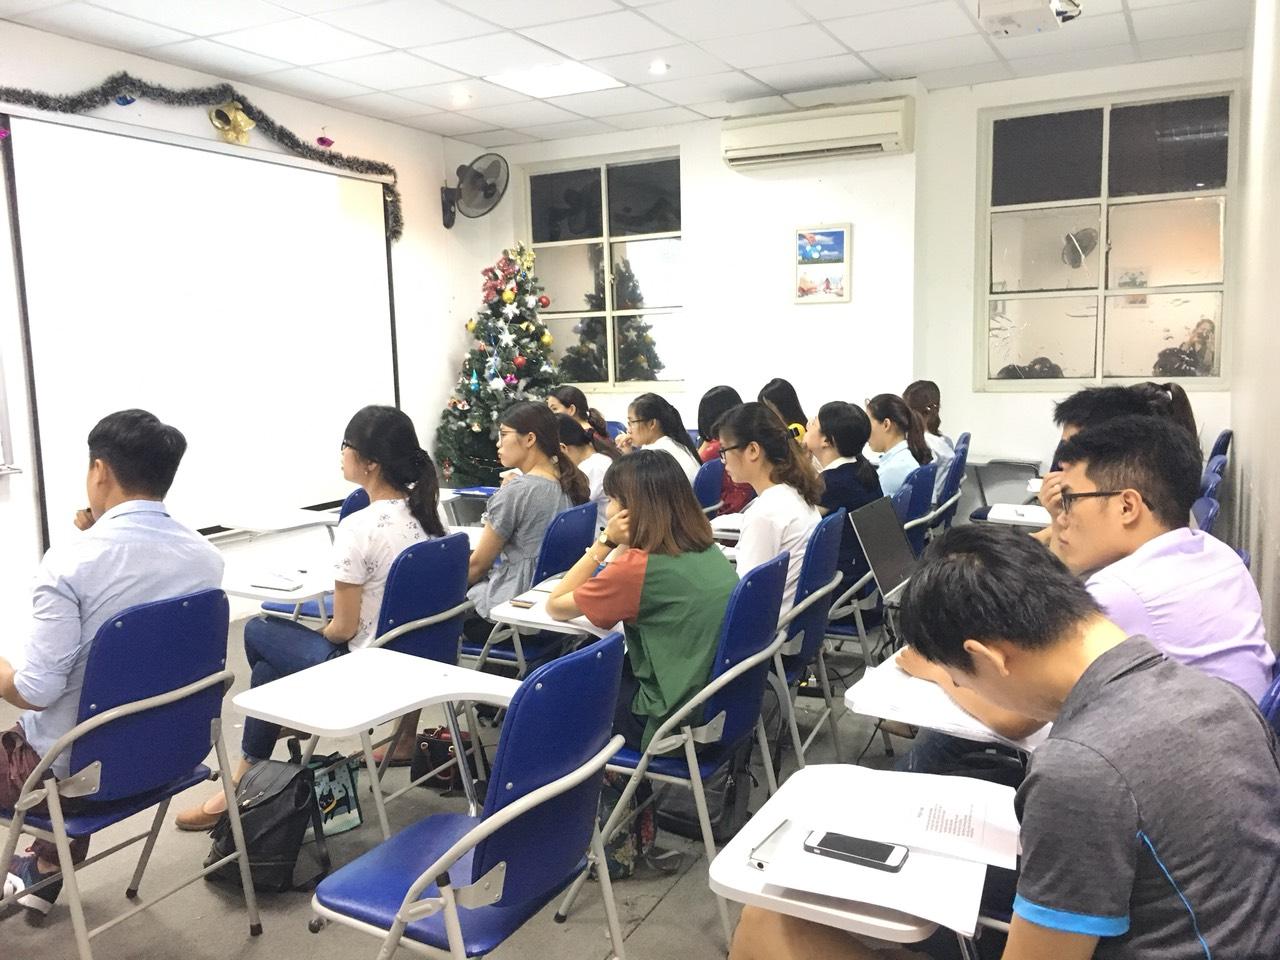 Hình ảnh đào tạo kế toán thuế tại VinaTrain chi nhánh Hà Nội